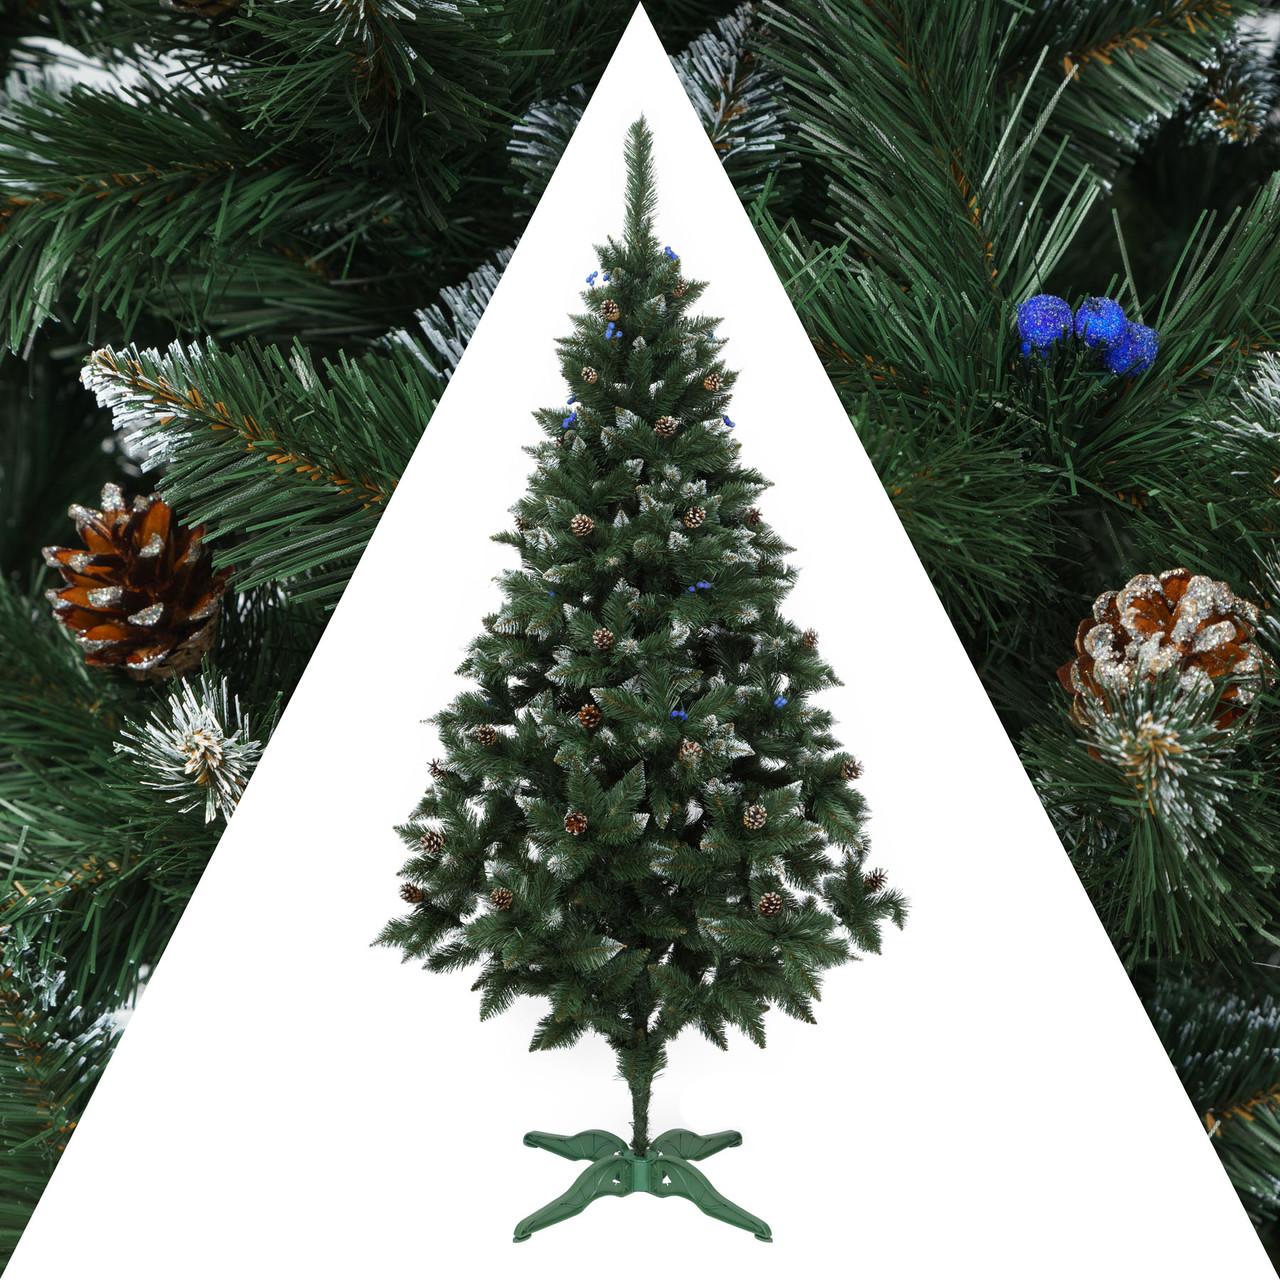 Ель искусственная Рождество 2м Элитная калина голубая шишки